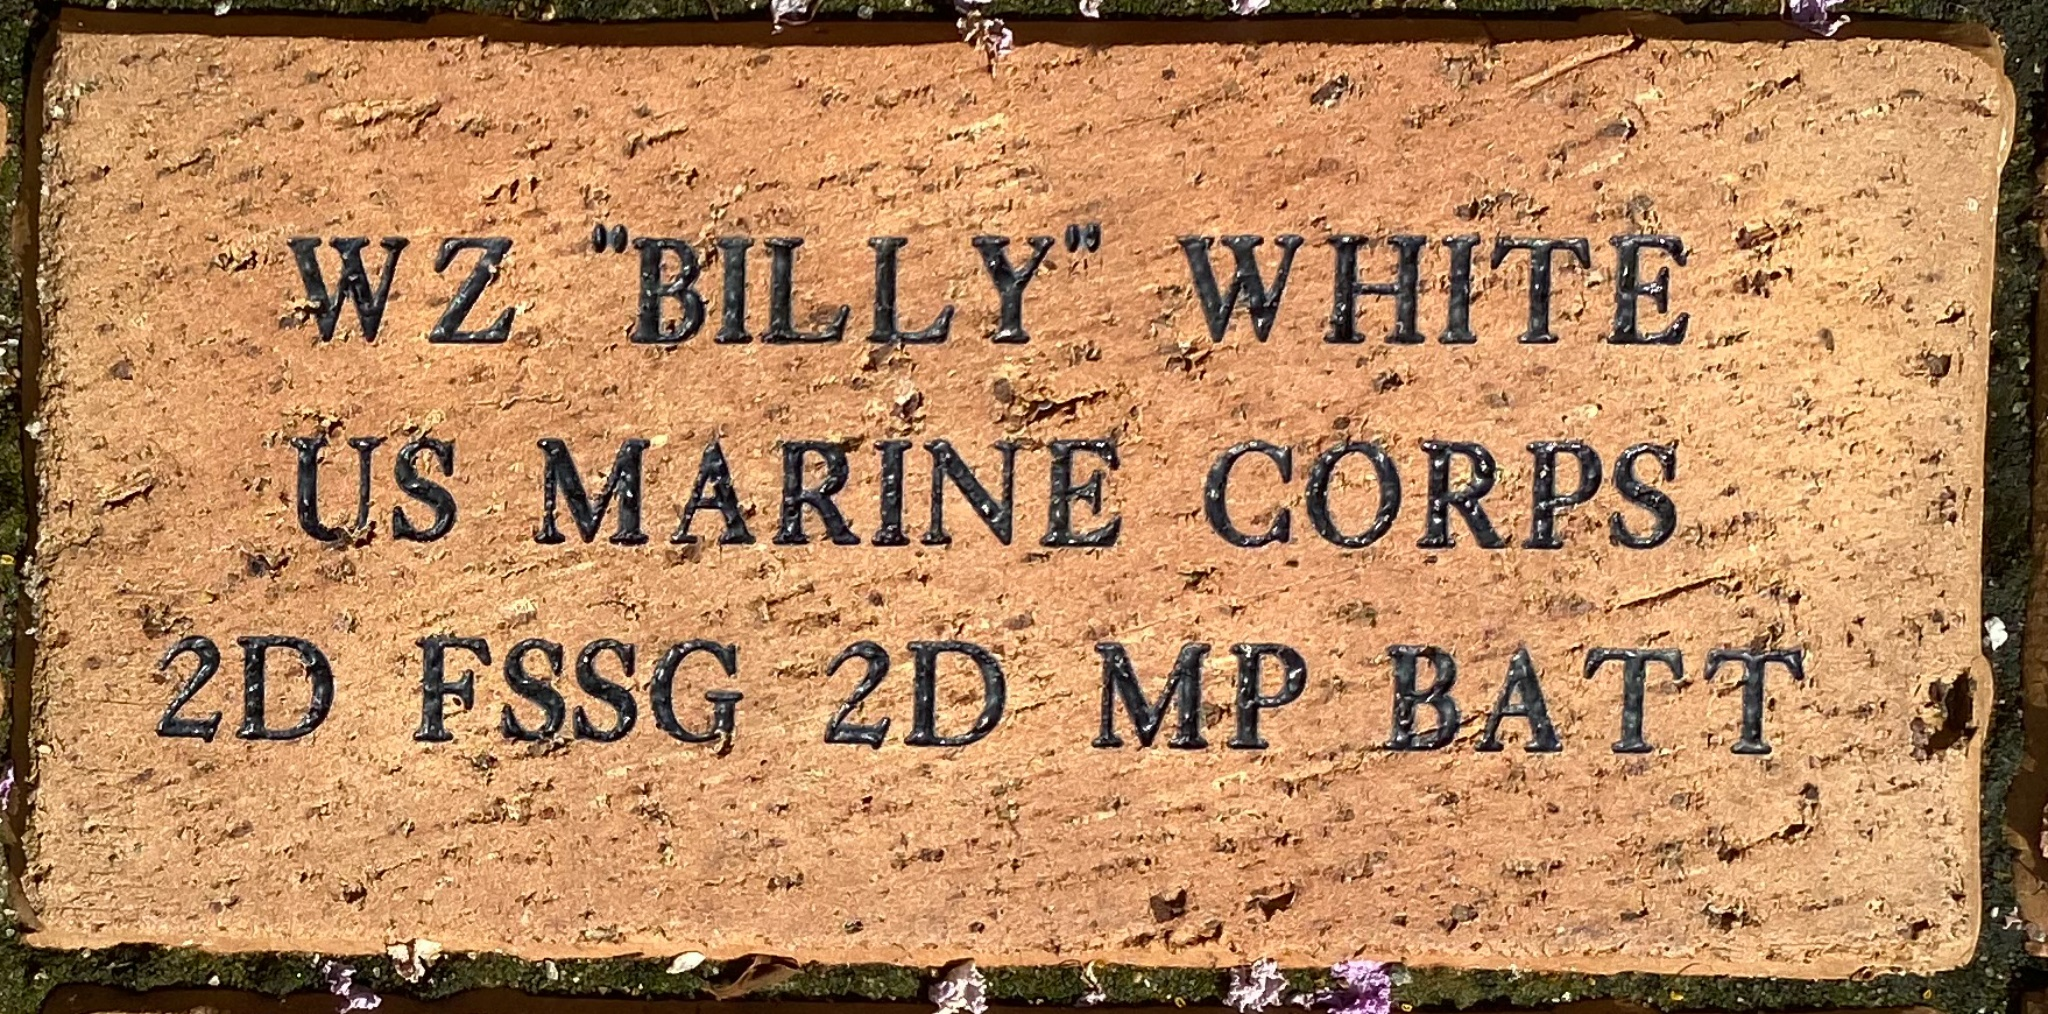 """WZ """"BILLY"""" WHITE US MARINE CORPS 2D FSSG 2D MP BATT"""